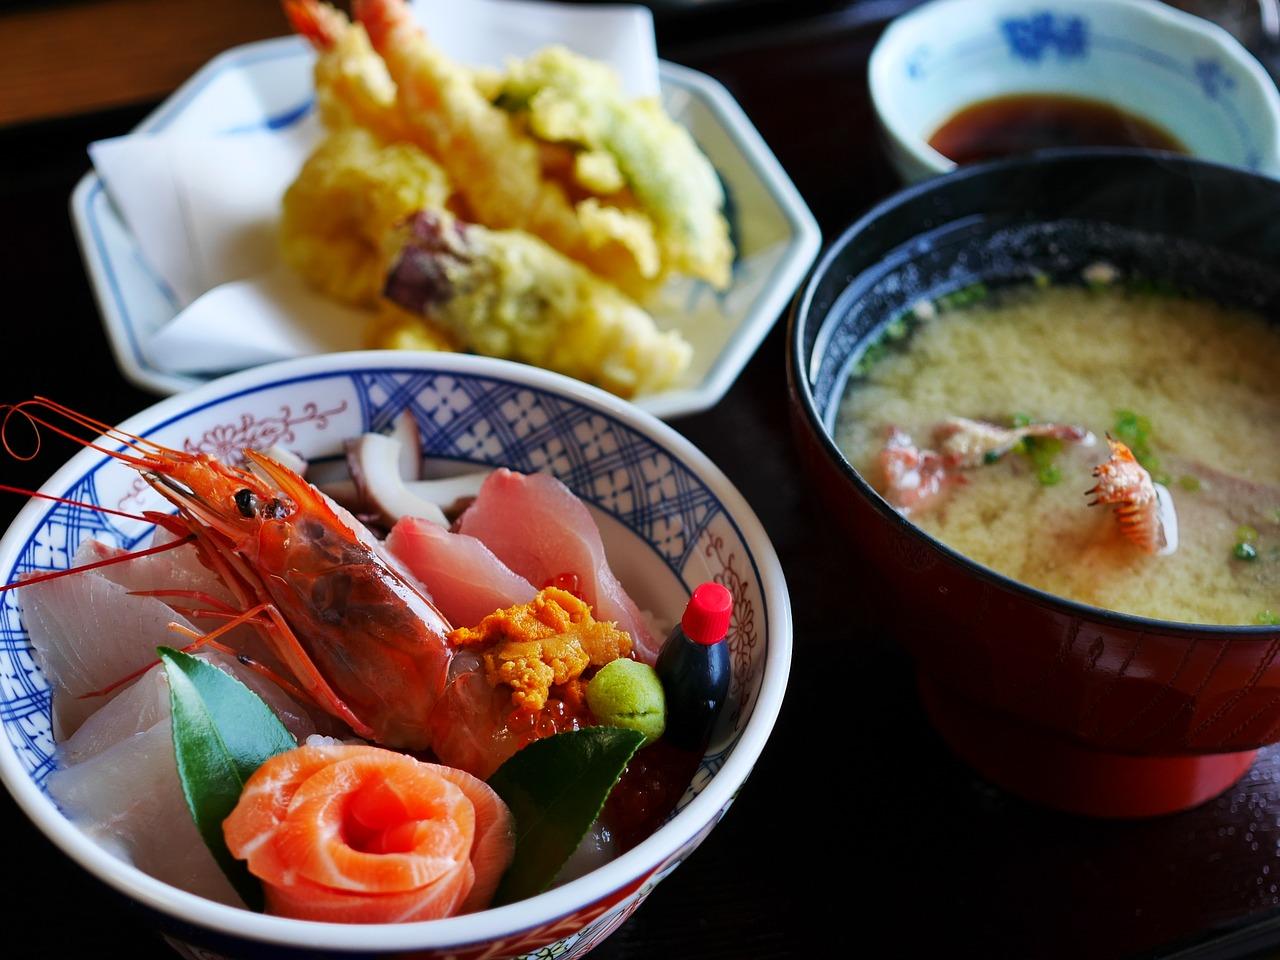 外国人が選ぶ苦手な日本食【嫌いな食べ物ランキング】絶対ダメなのは